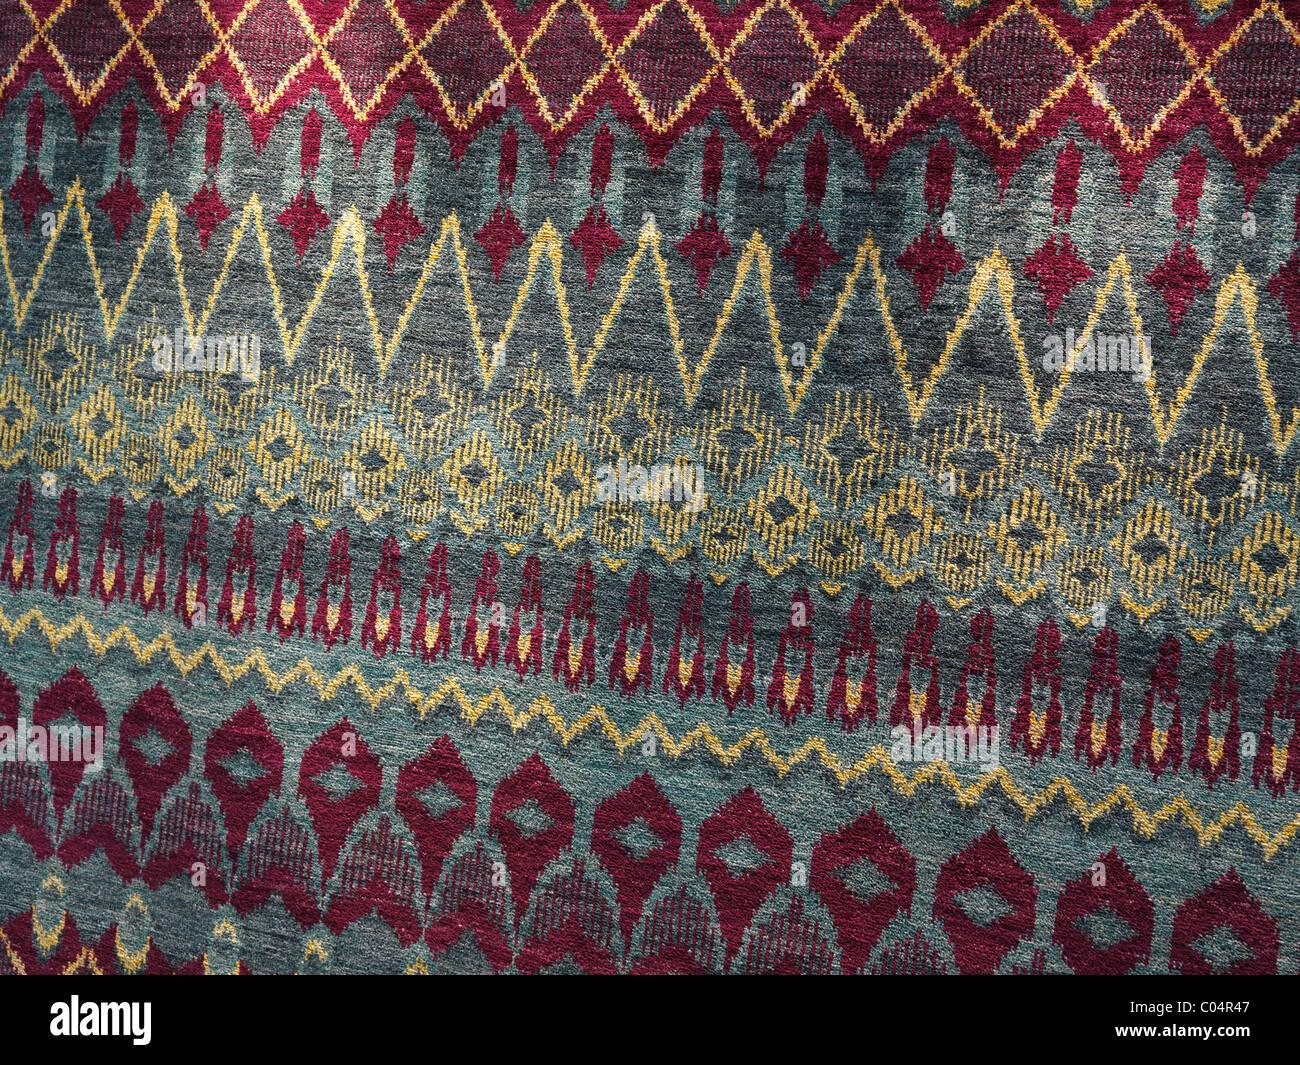 Vintage Teppich mit bunten Muster. Hintergrundtextur Stockfoto, Bild ...